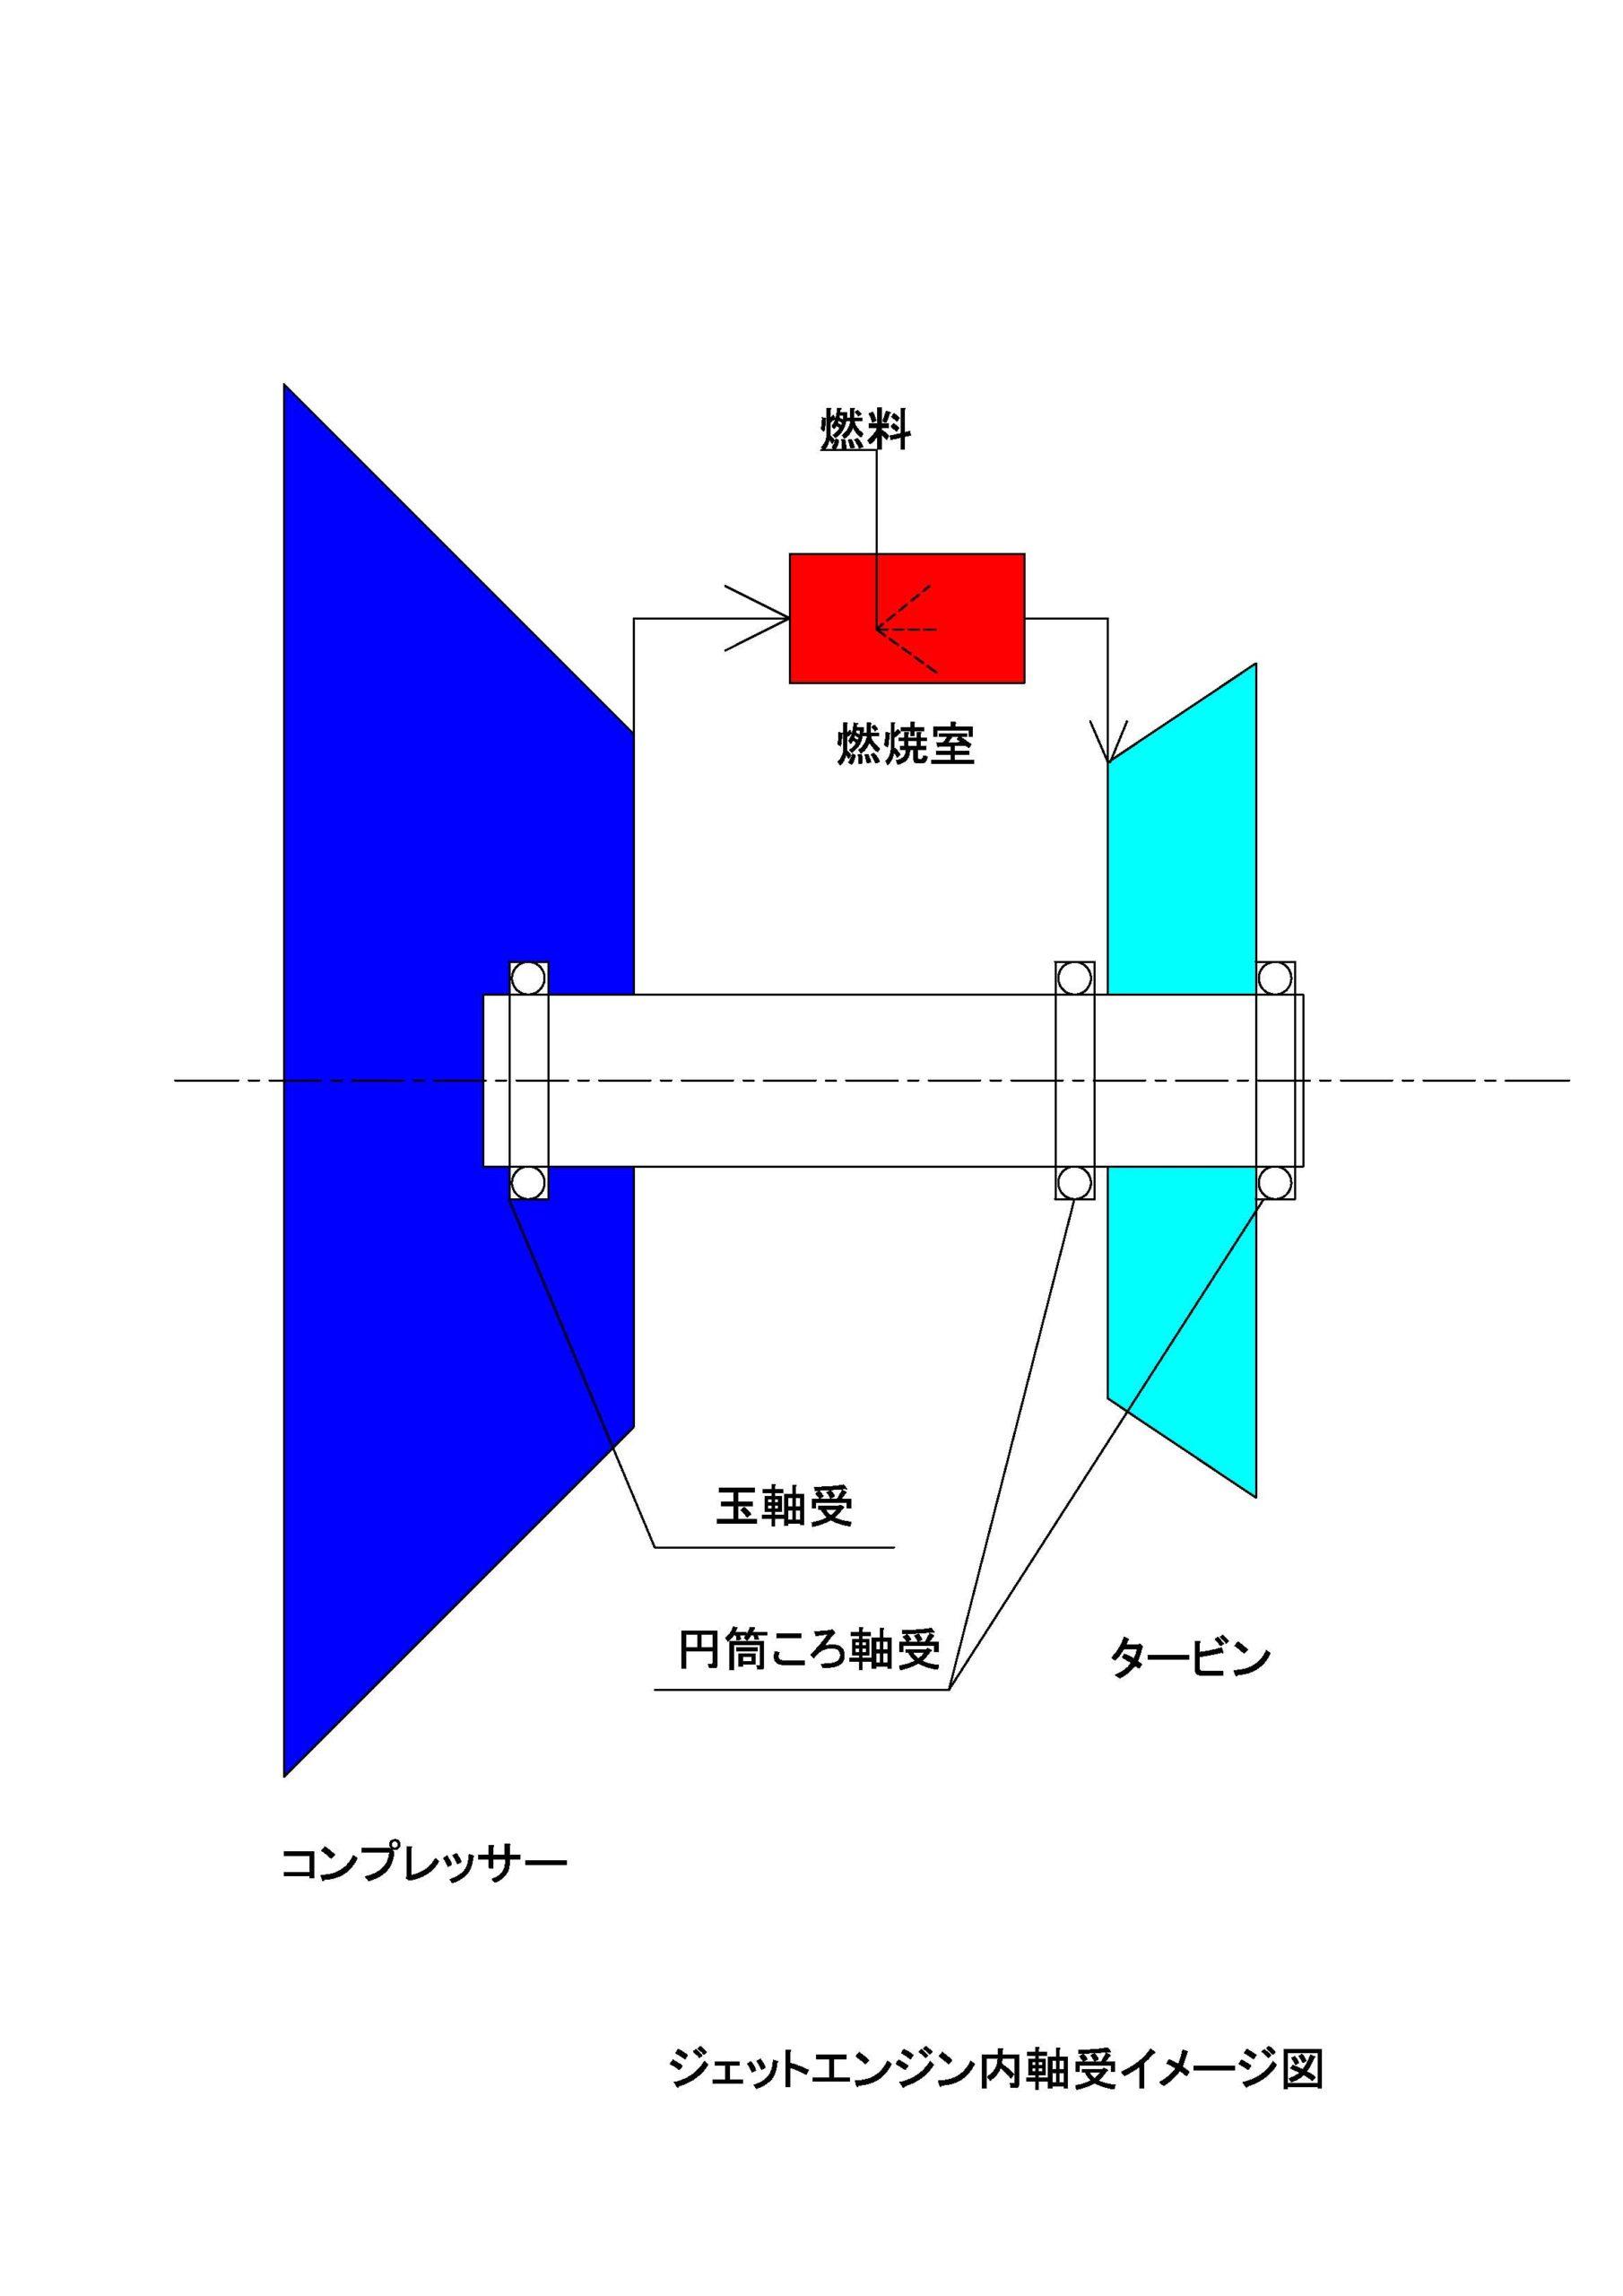 ジェットエンジンにおける軸受の適用例